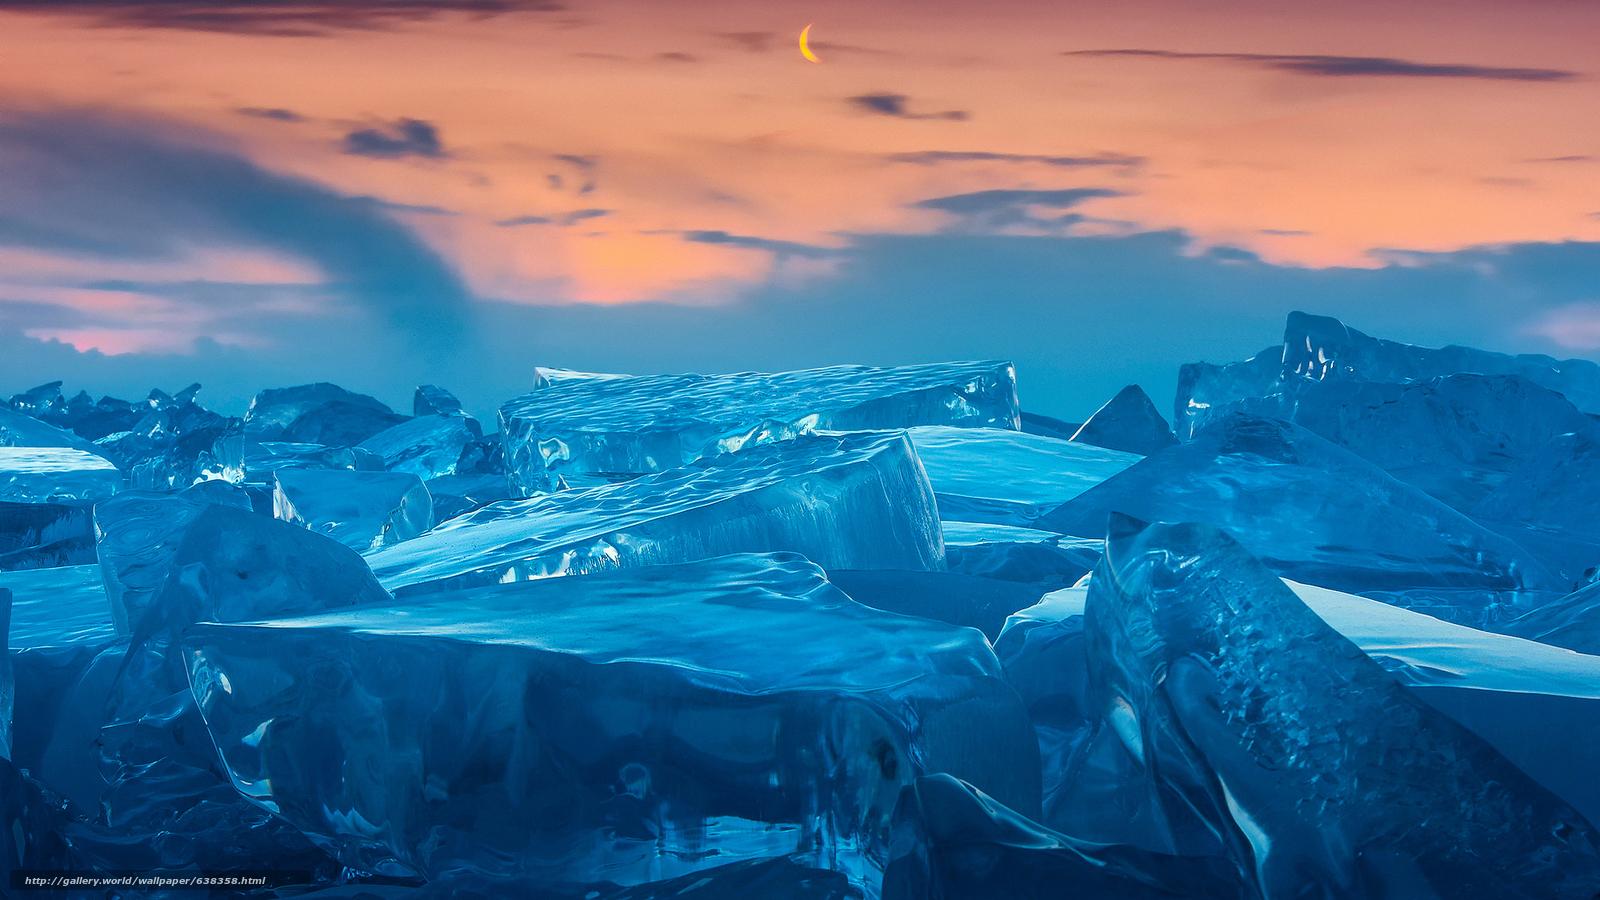 壁紙をダウンロード 氷 氷河 浮氷 冬 デスクトップの解像度のための無料壁紙 48x1152 絵 6358